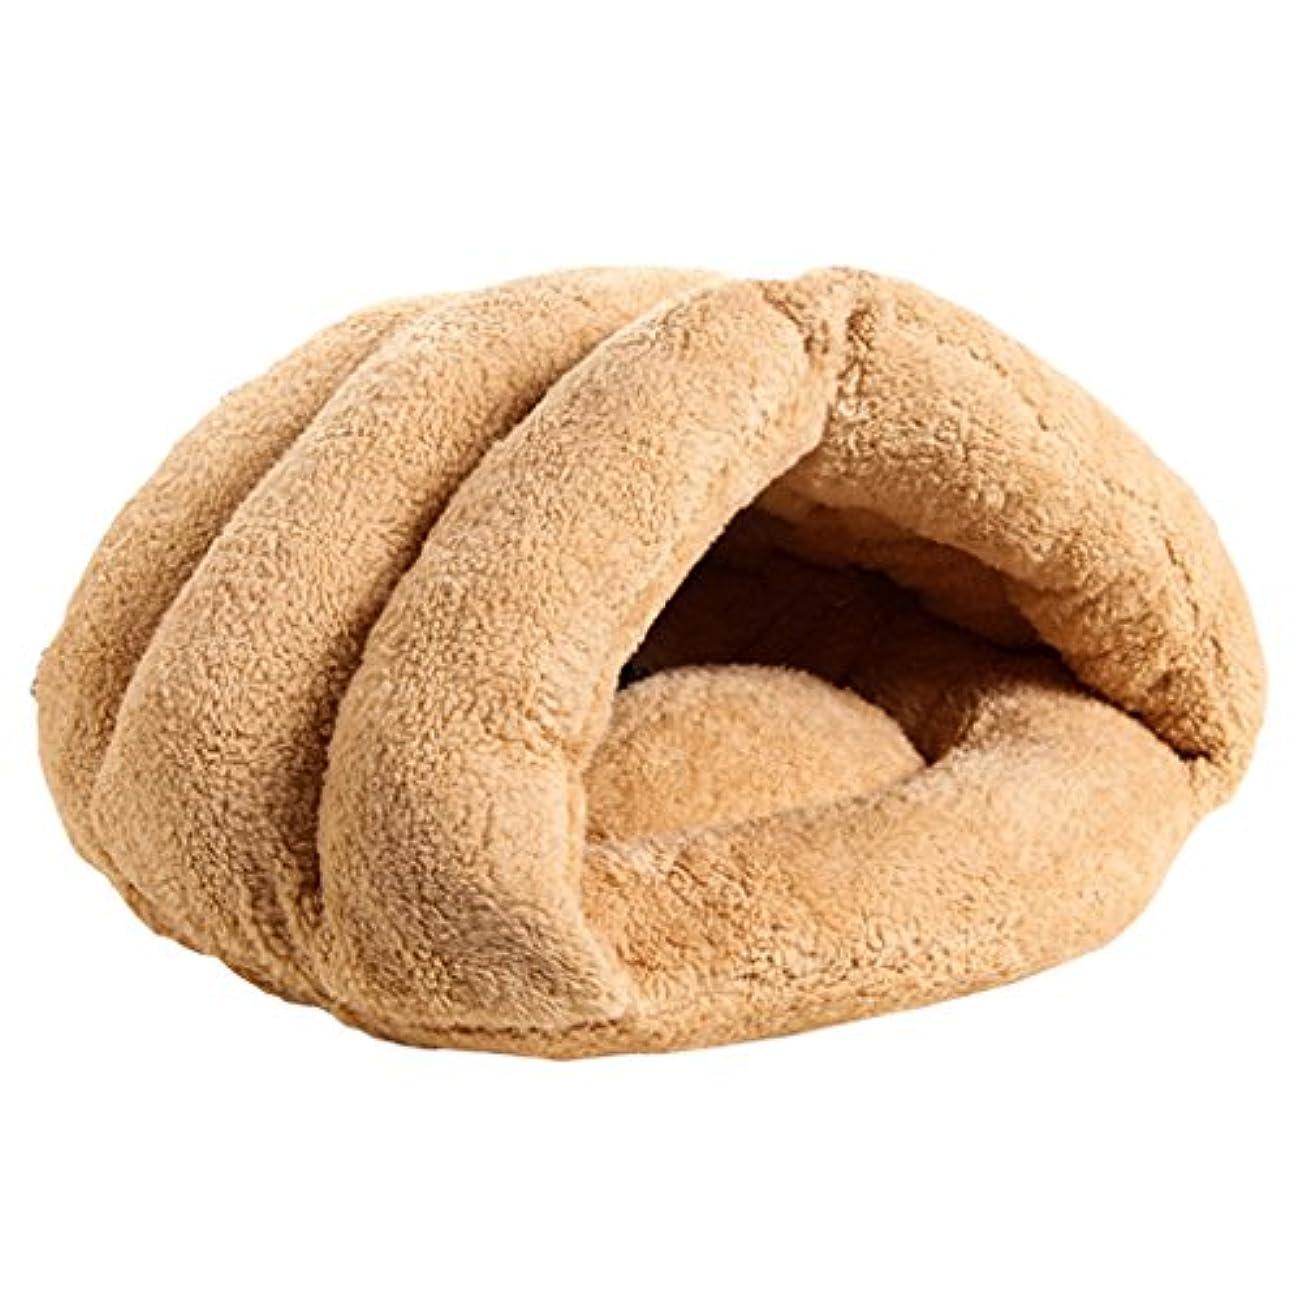 きしむお誕生日トリップ2色選べる 暖かい ペット ハウス 犬 猫 ベッドクッション マットパッド 洞窟 寝袋 贈り物 - ベージュ